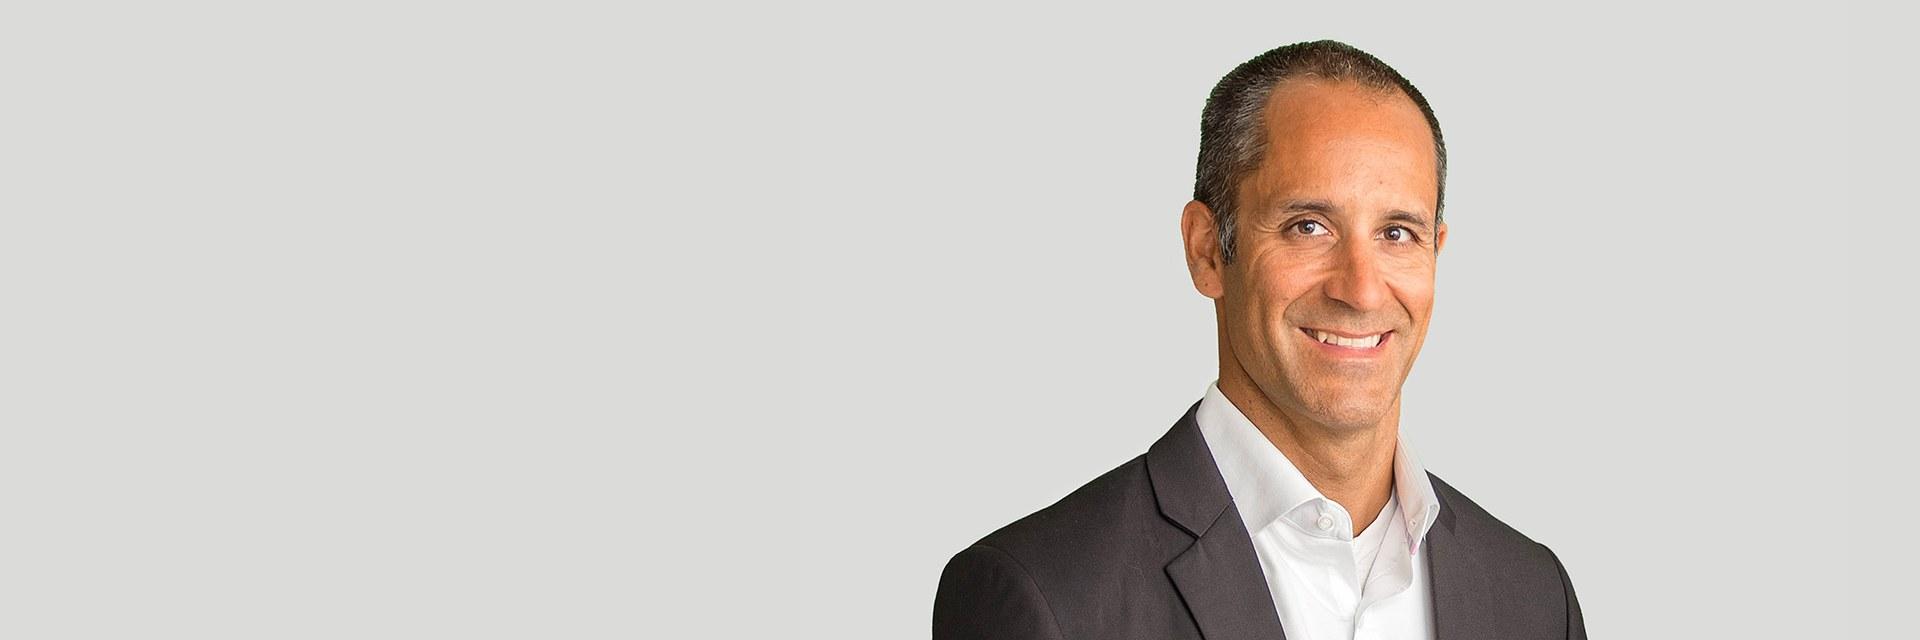 Dr. Dominik Reust